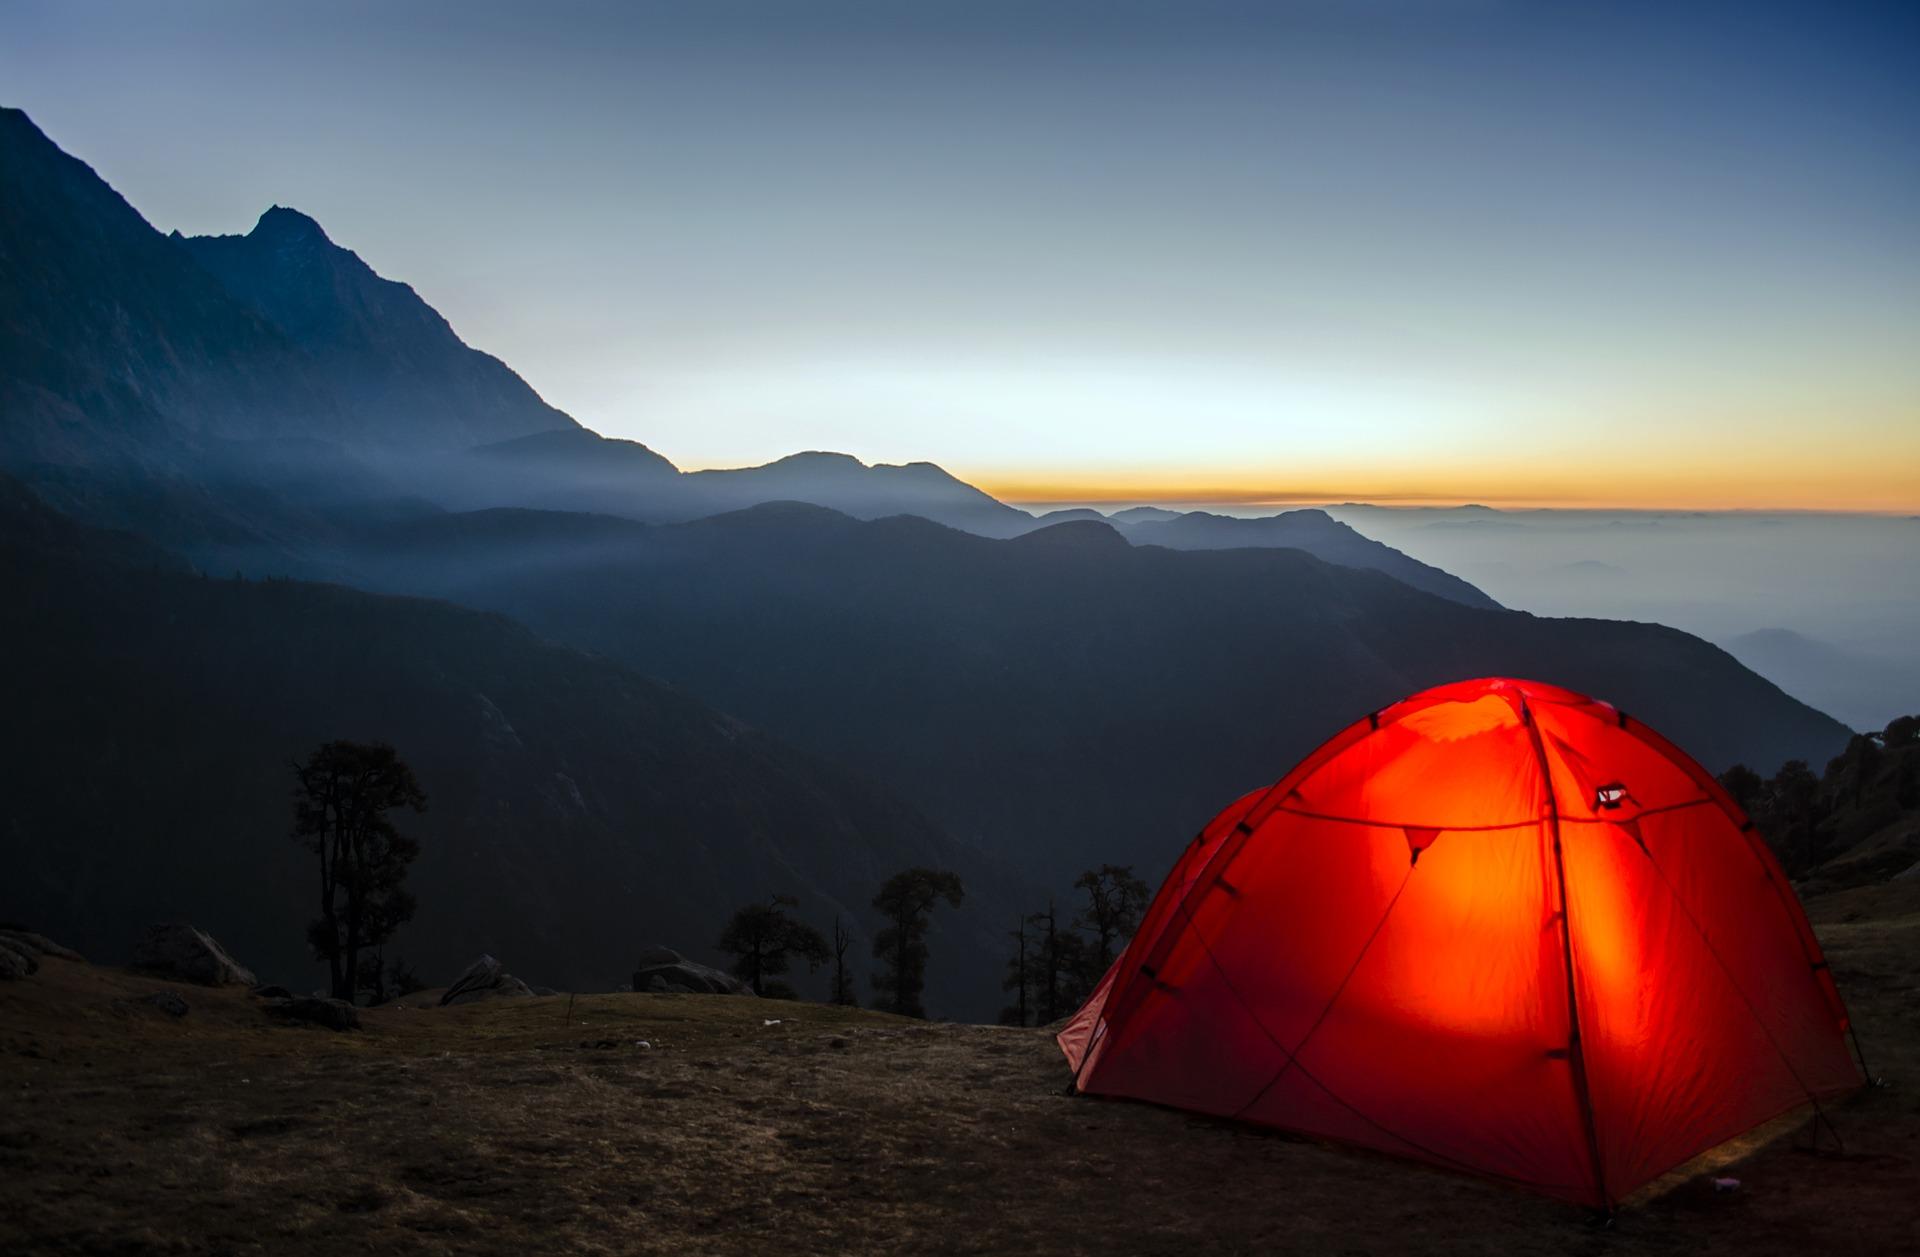 Trekkingzelt kaufen: Jetzt das richtige Zelt finden!